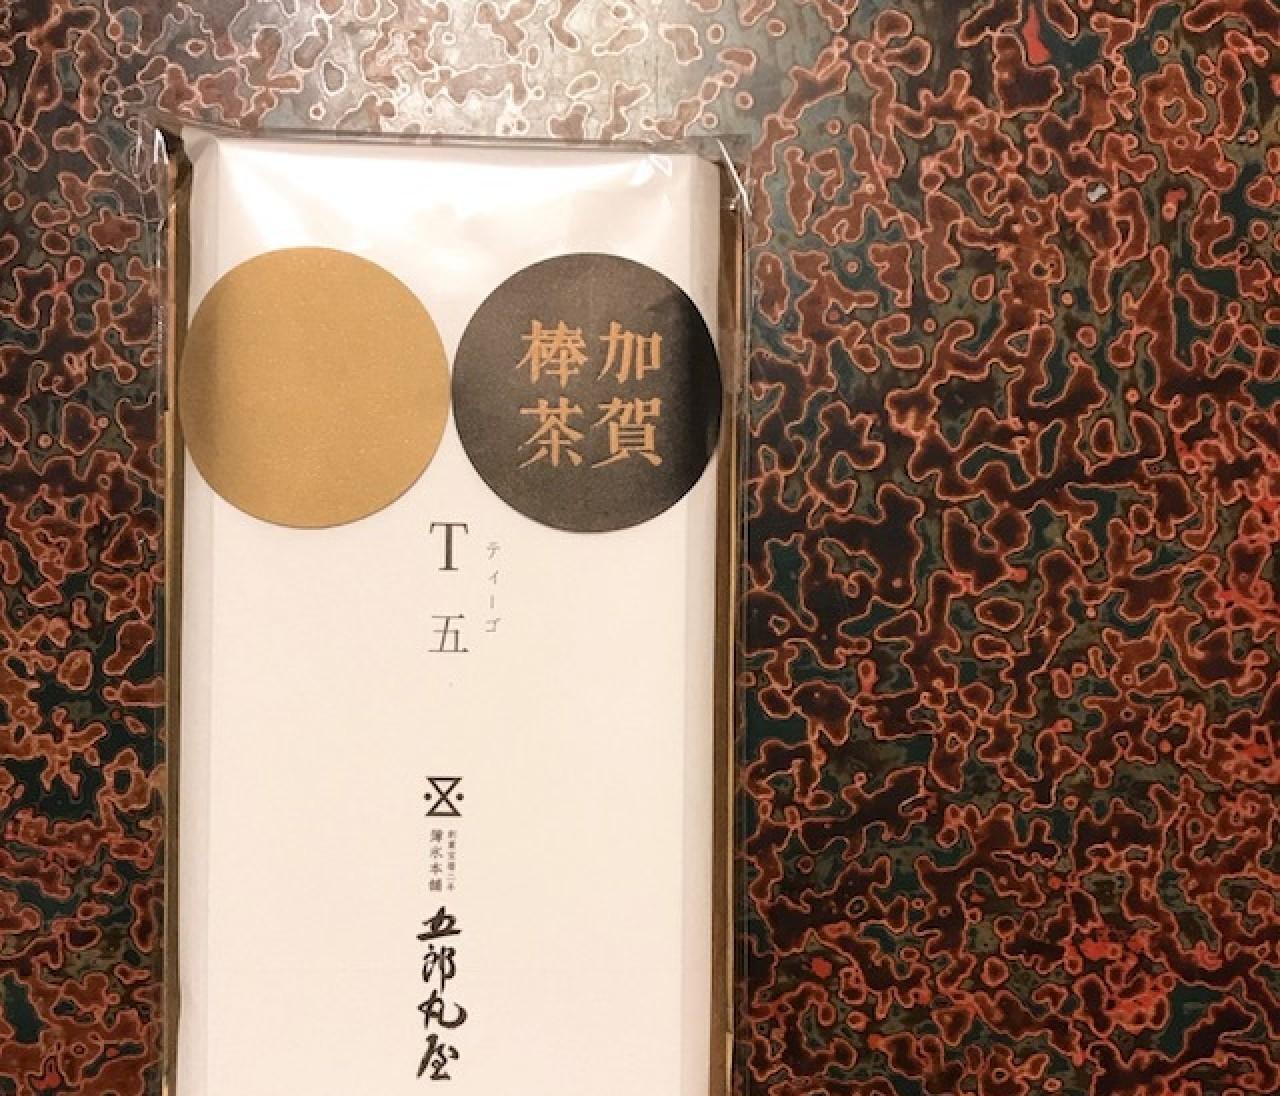 【お土産スイーツ・富山編】「T五(ティーゴ)」と「高岡ラムネ」の美しき甘さ。